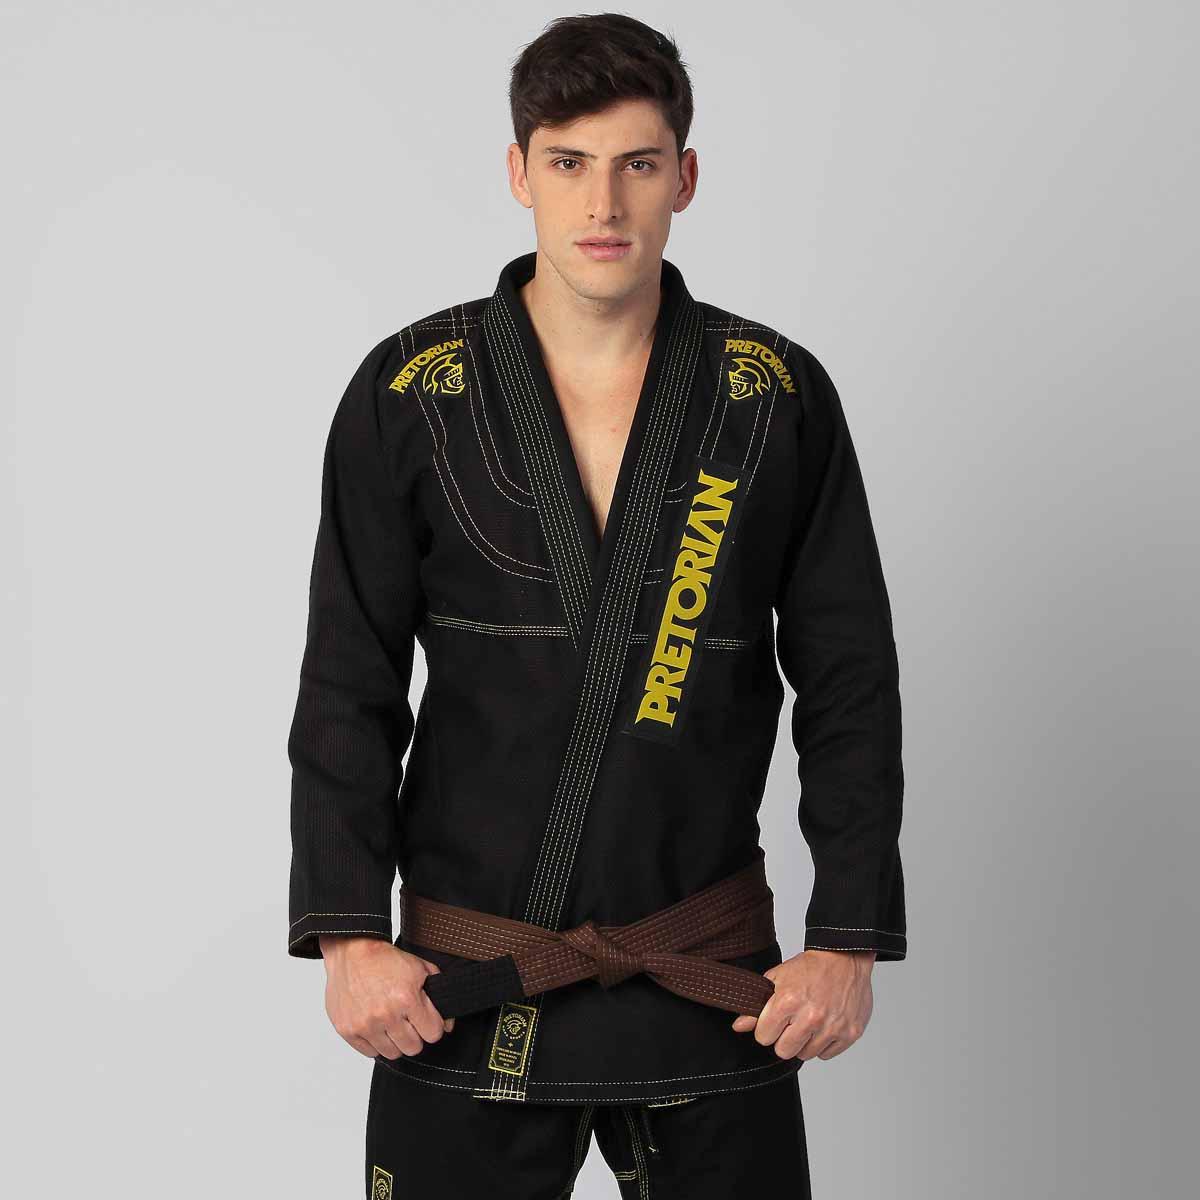 Kimono Jiu Jitsu - Pretorian Pro - Preto .  - Loja do Competidor